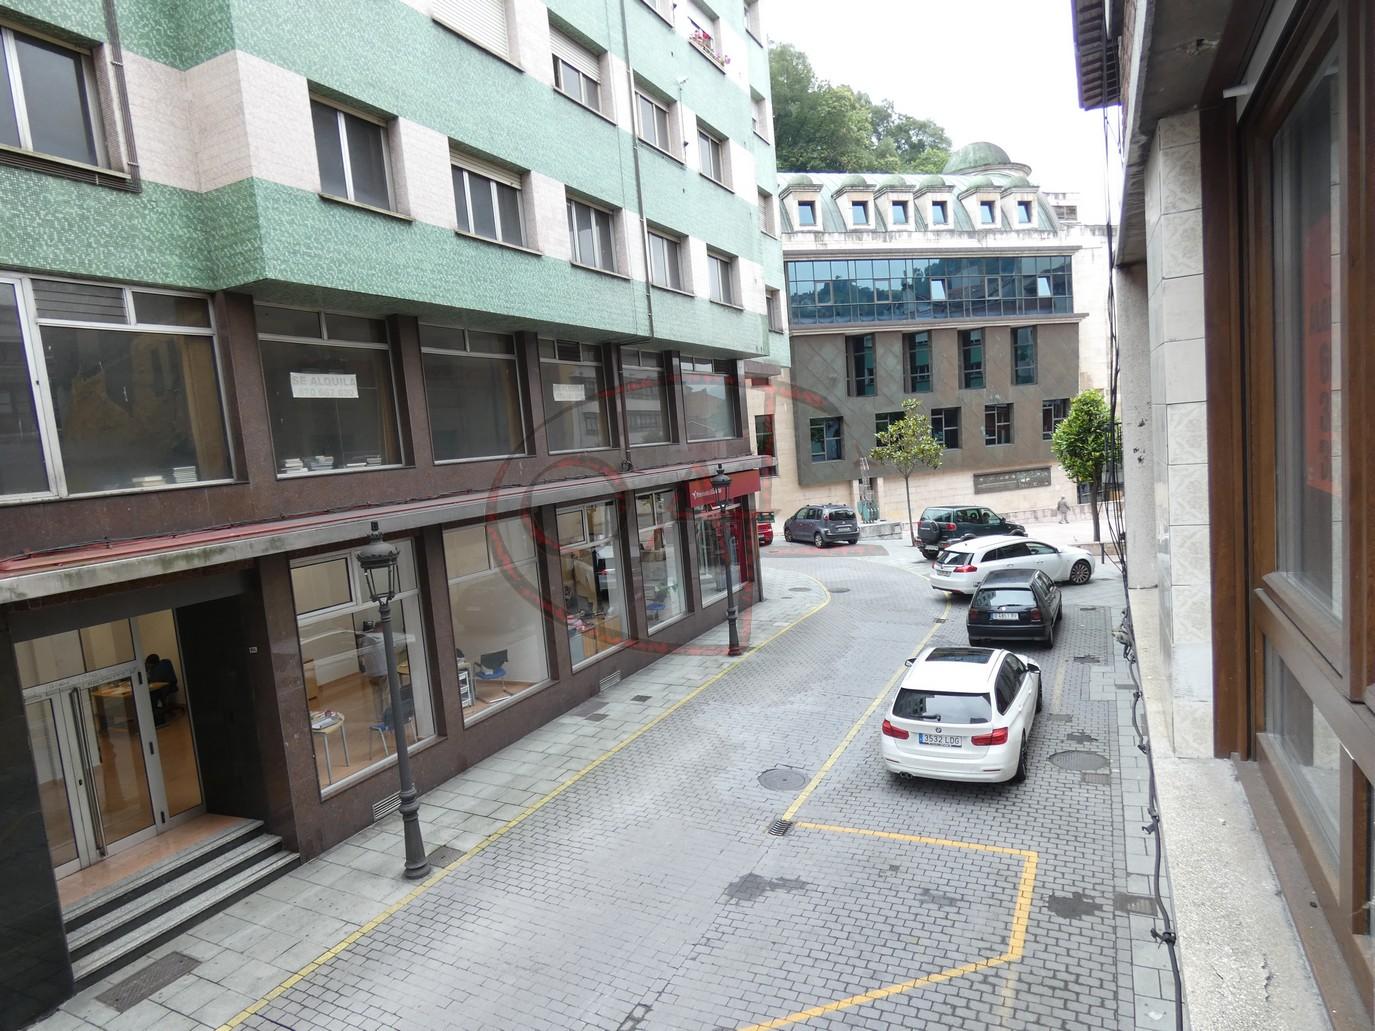 ALQUILER: PISO TOTALMENTE REFORMADO A ESTRENAR EN PLENO CENTRO DE SAMA DE LANGREOro de Sama de Langreo, al lado del Ayuntamiento.